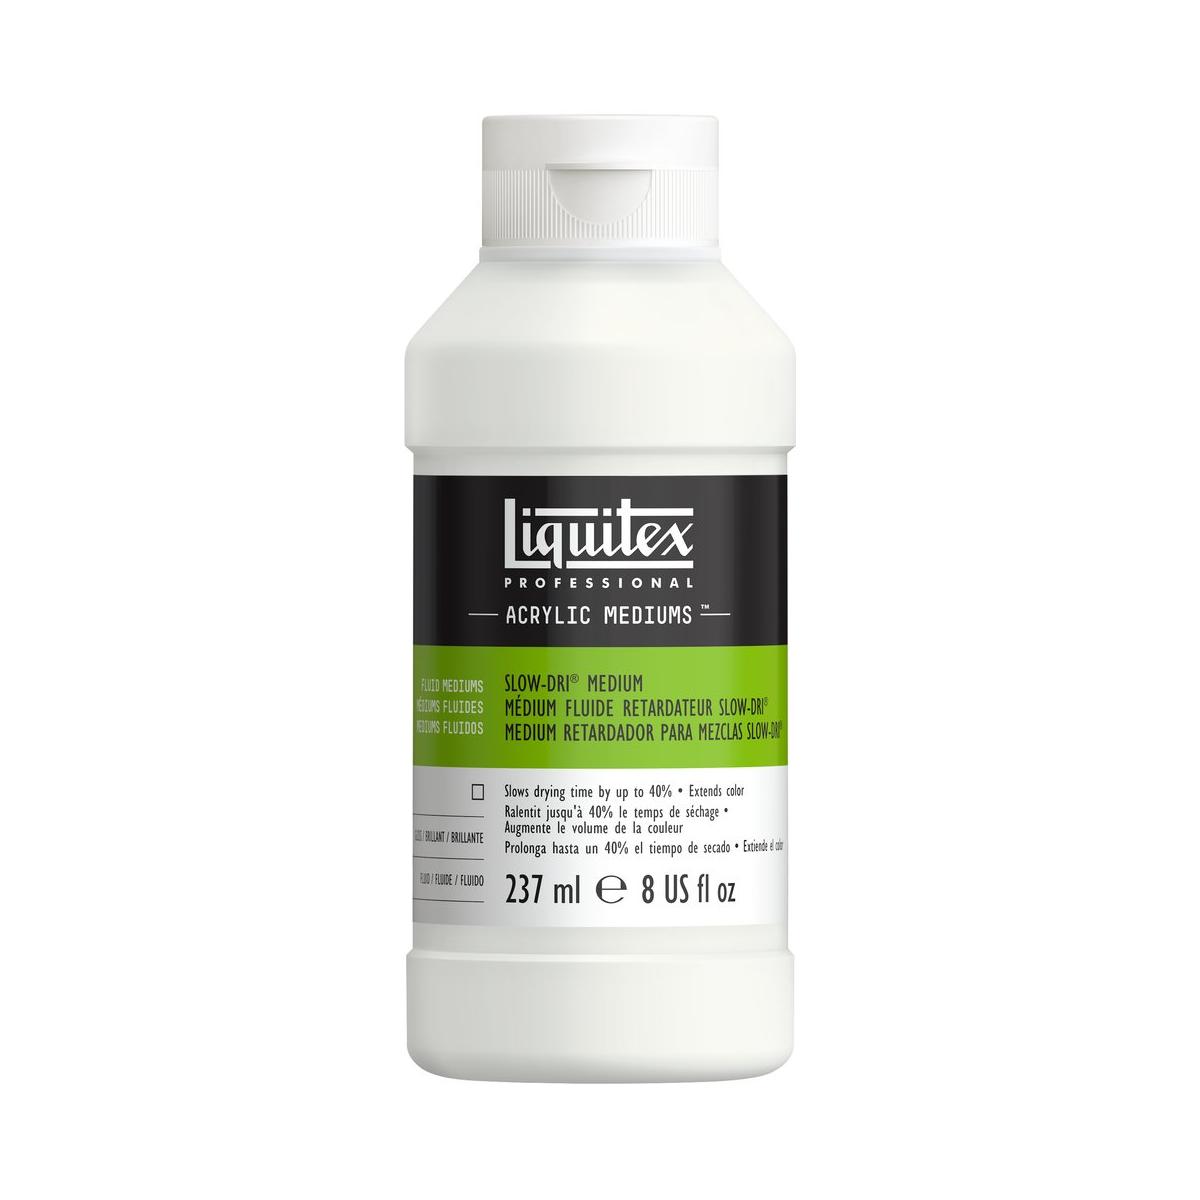 LIQUITEX SLOW-DRI MEDIUM...